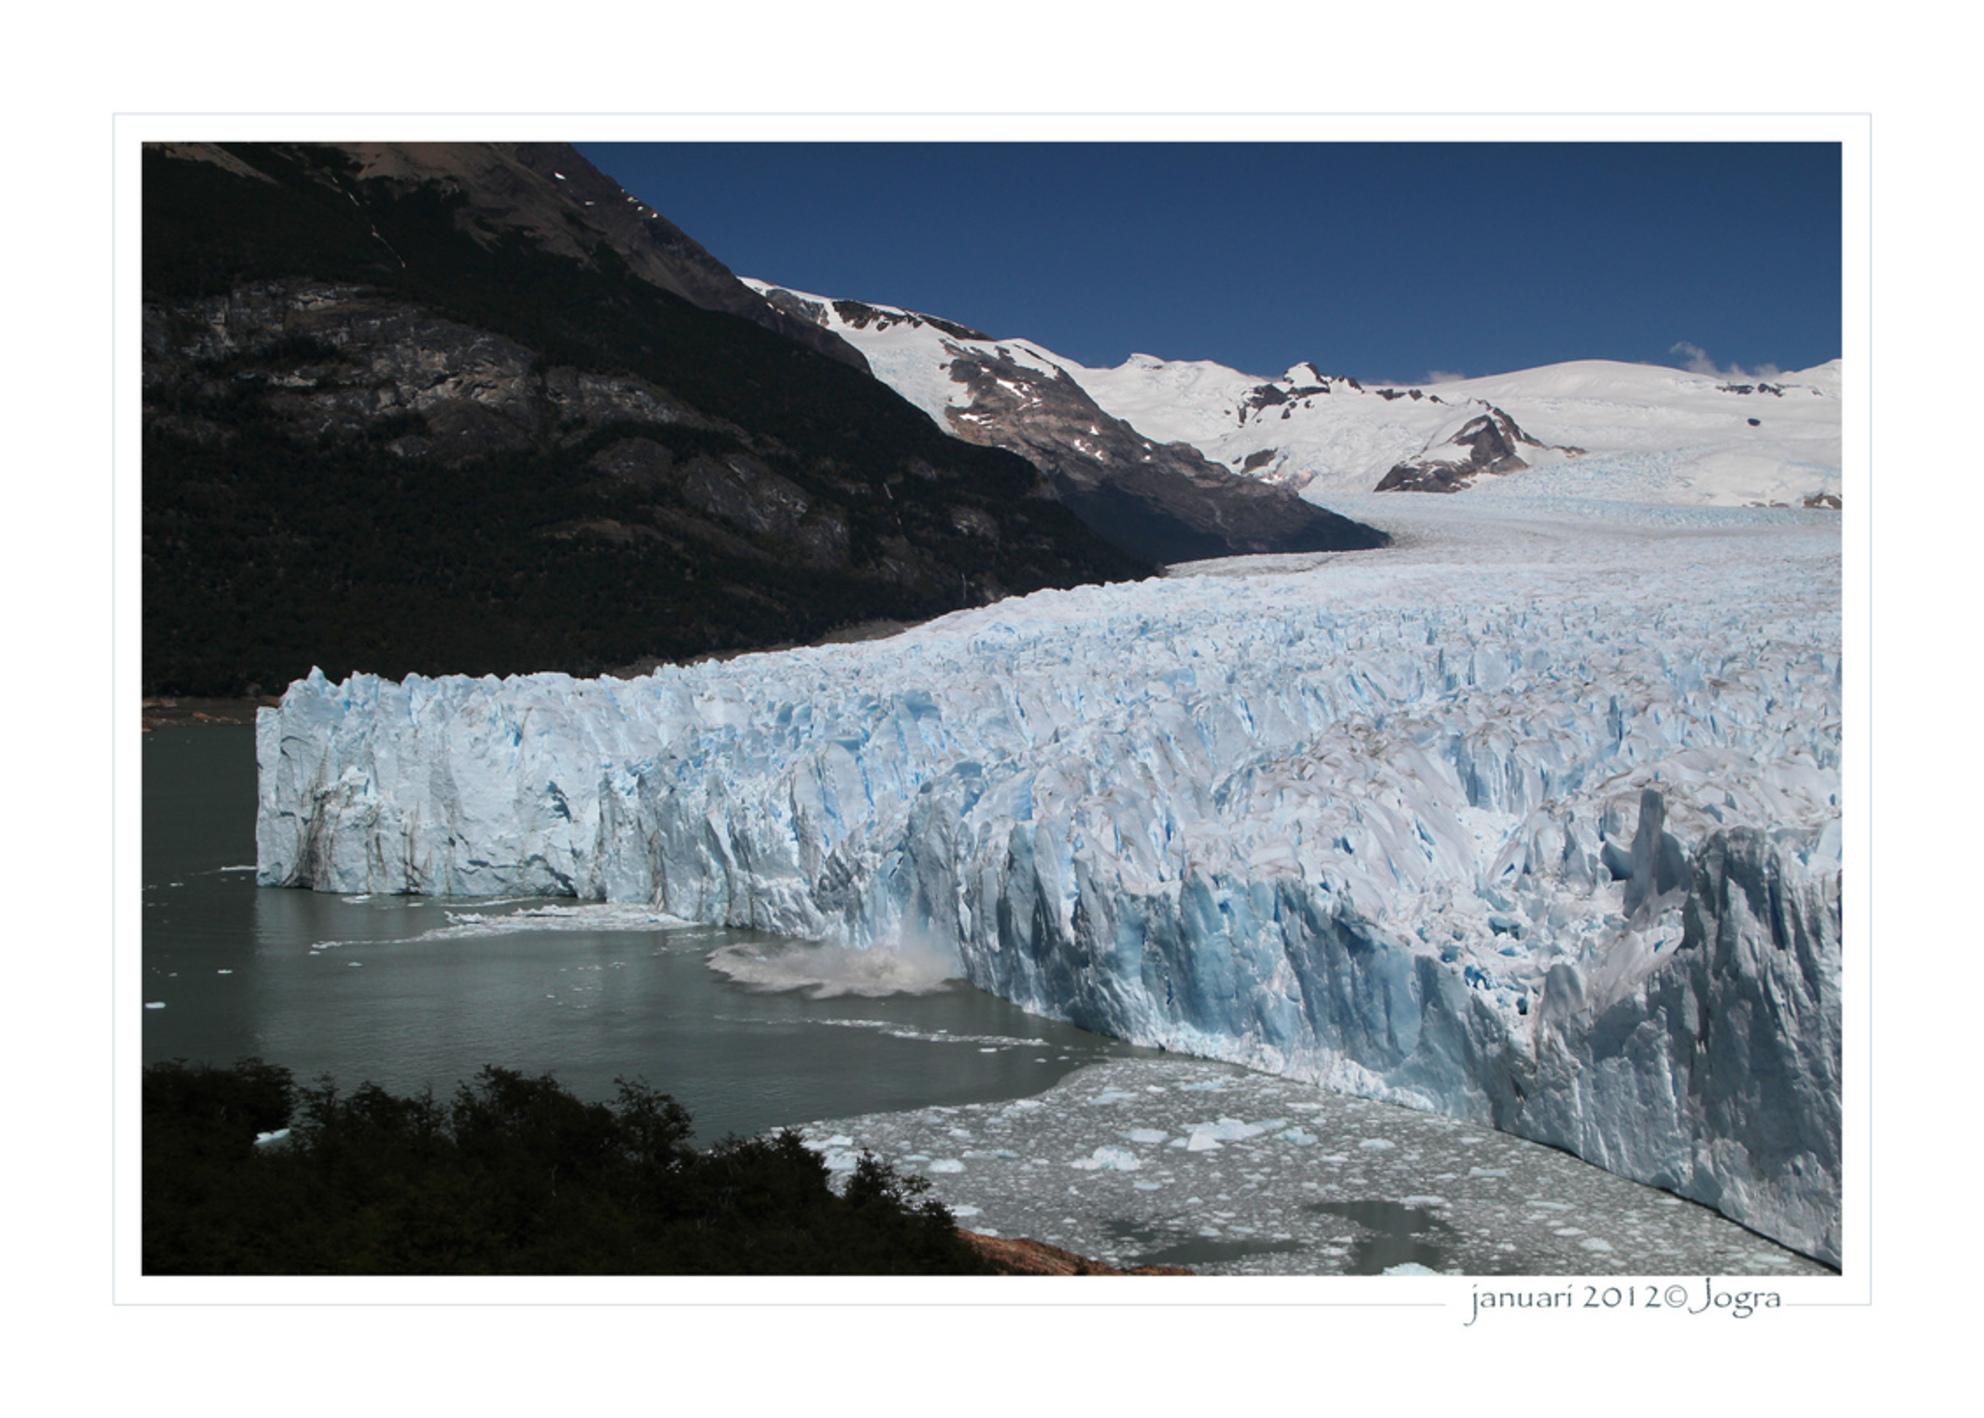 perito moreno gletsjer - een enorme, blauwe gletsjer die aan de voorkant net zoveel ijs verliest als aan de achterkant aangroeit. Een facinerend natuurverschijnsel. - foto door Lathyrus op 23-01-2012 - deze foto bevat: gletsjer, argentinie, Perito Moreno - Deze foto mag gebruikt worden in een Zoom.nl publicatie